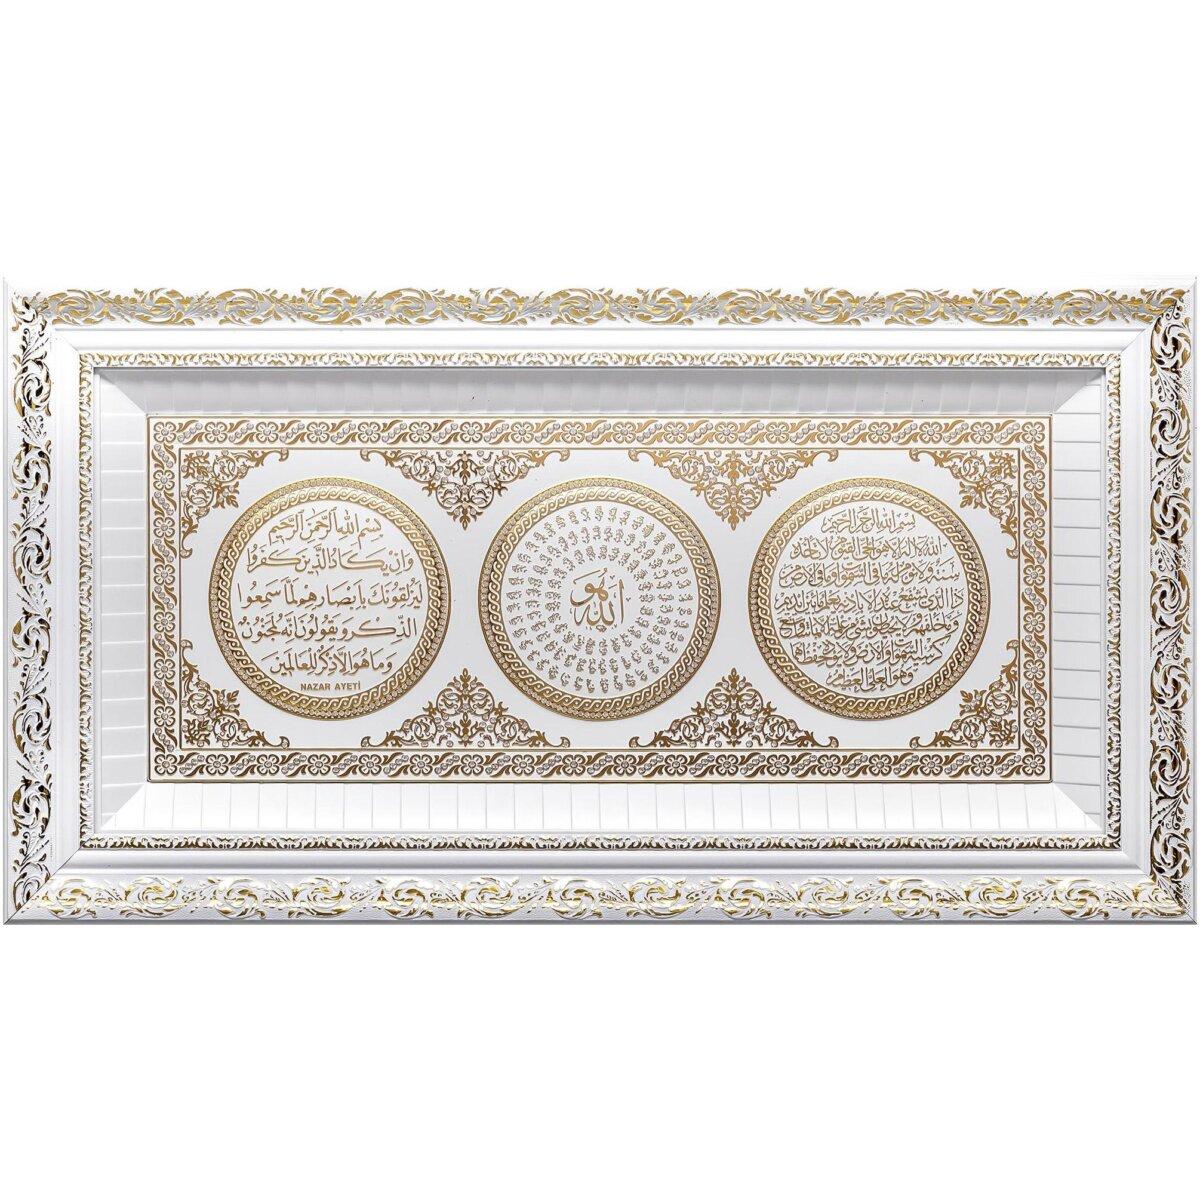 45x84CM Büyük Nazar ayeti- Esmaül Hüsna – Ayetel Kursi Dini Tablo Ayetli Ürünler